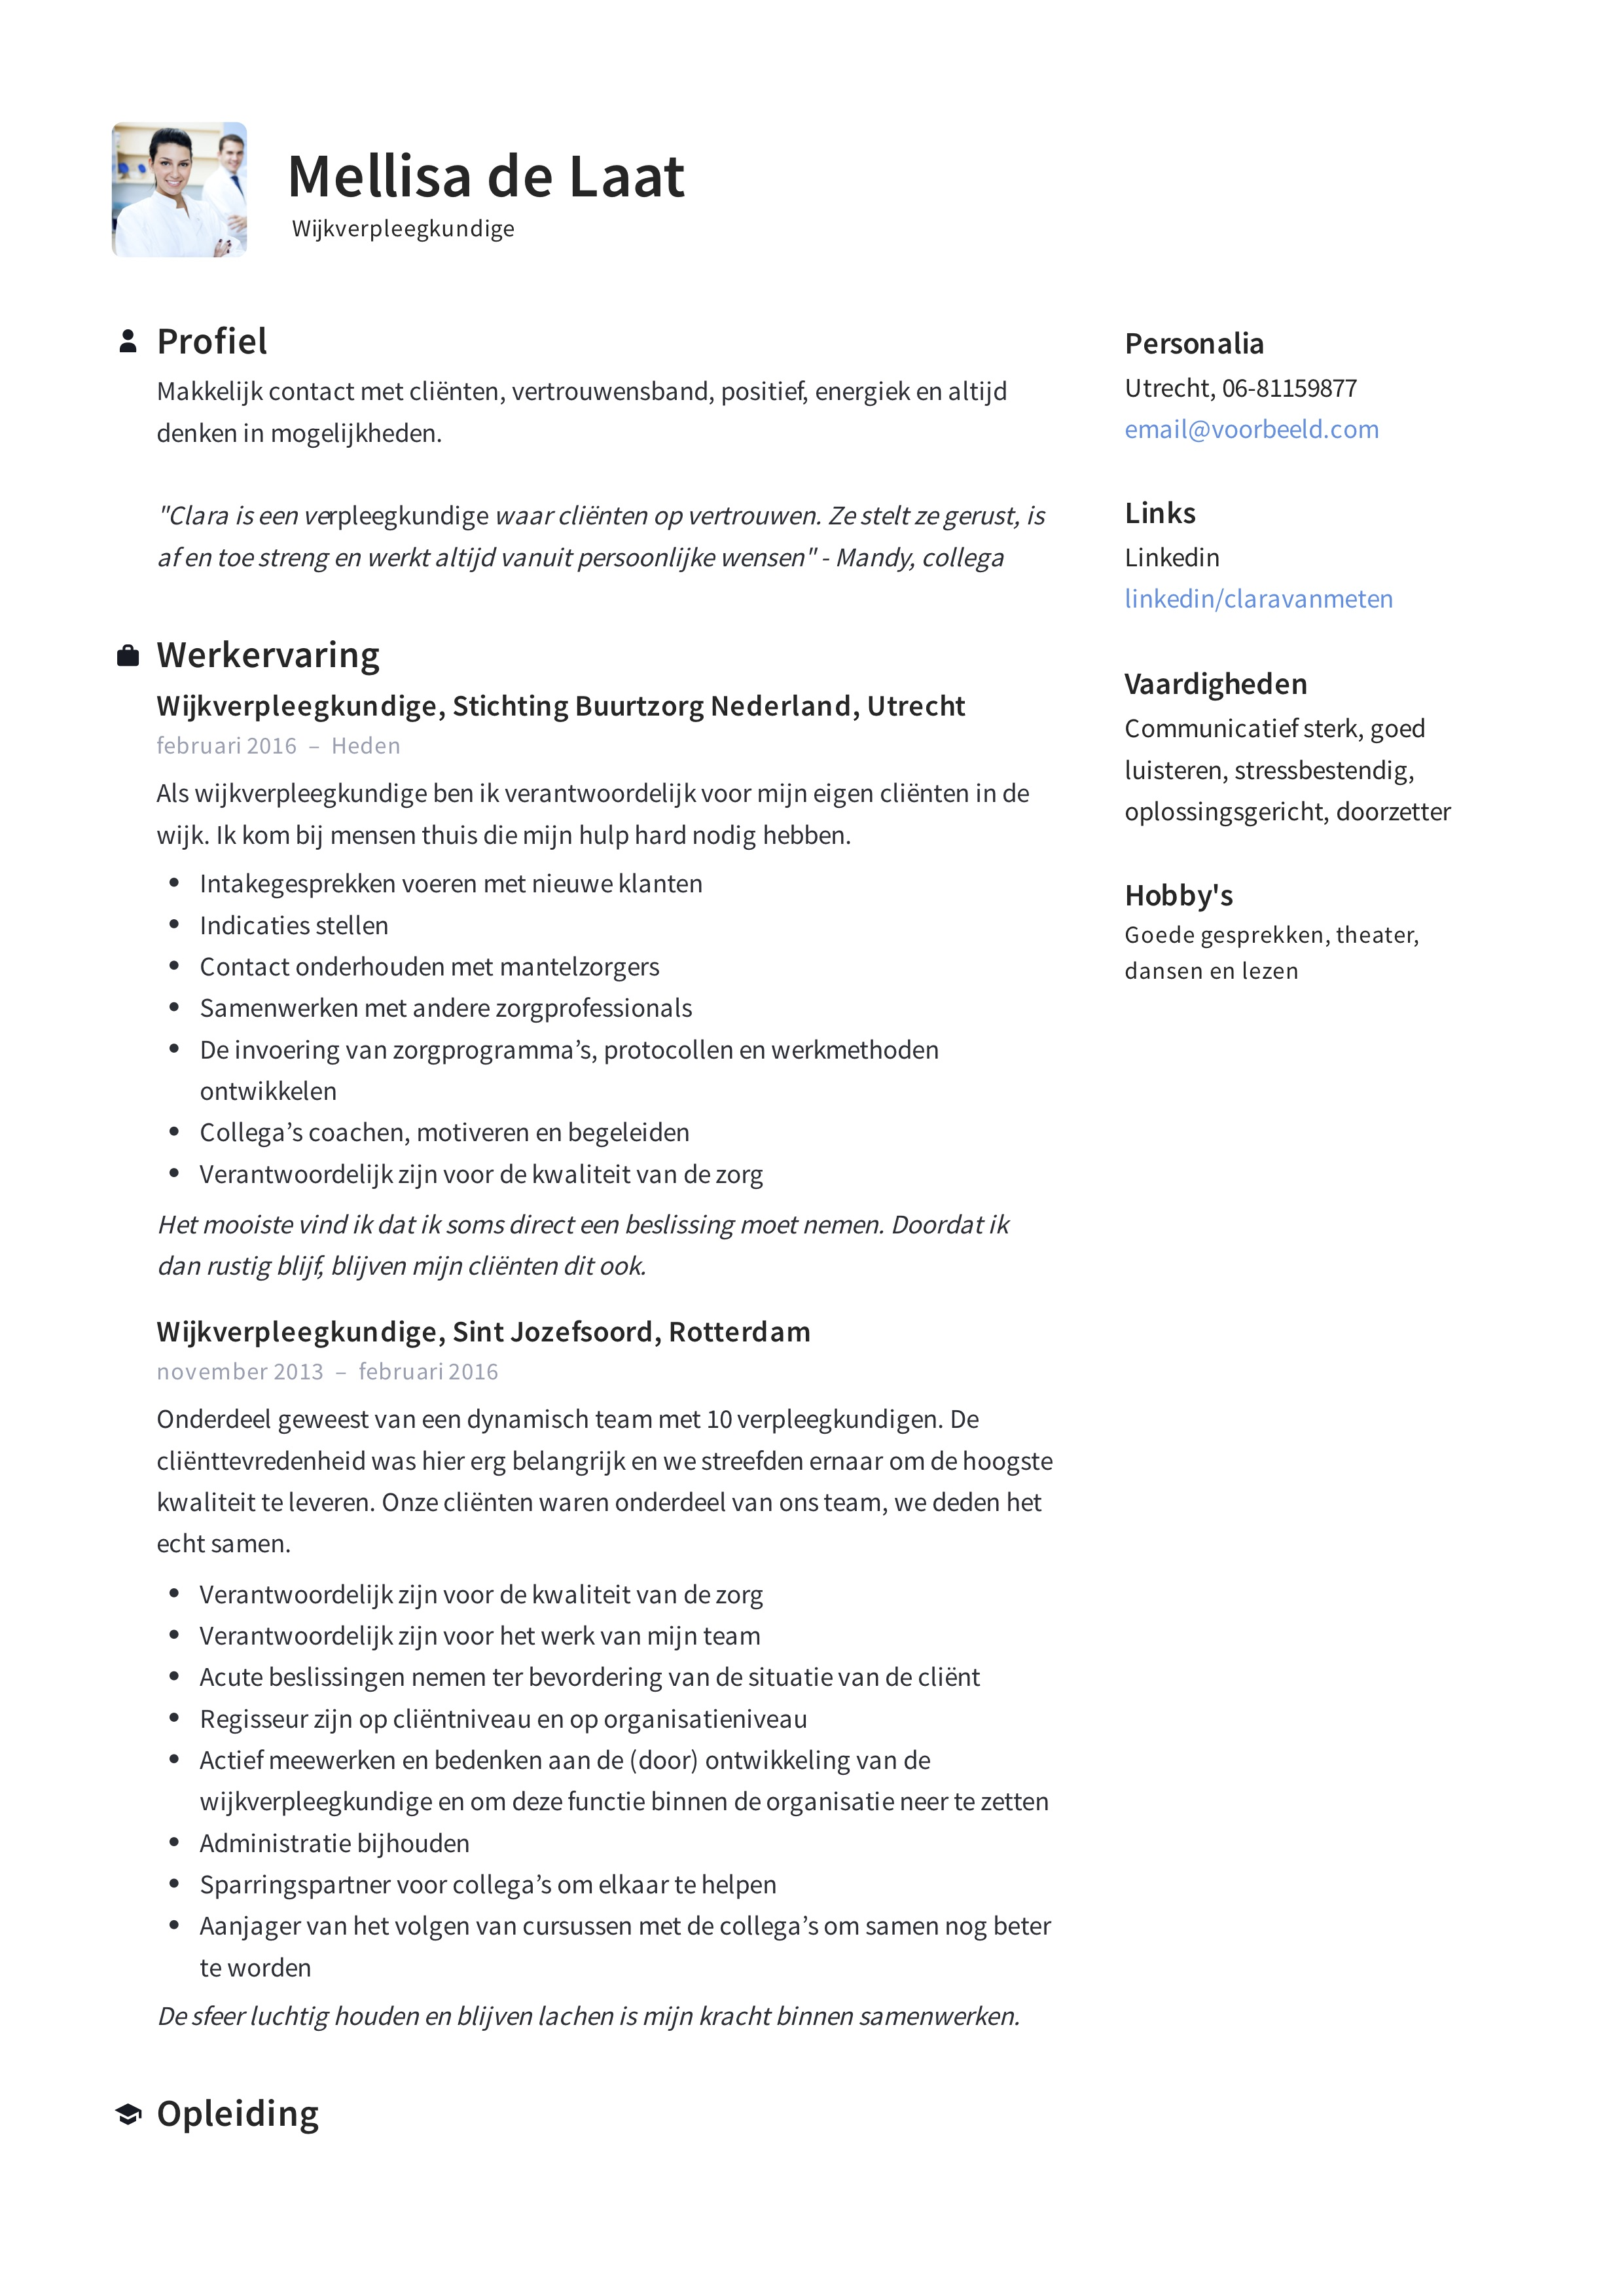 Mellisa_de_Laat_-_CV_-_Wijkverpleegkundige